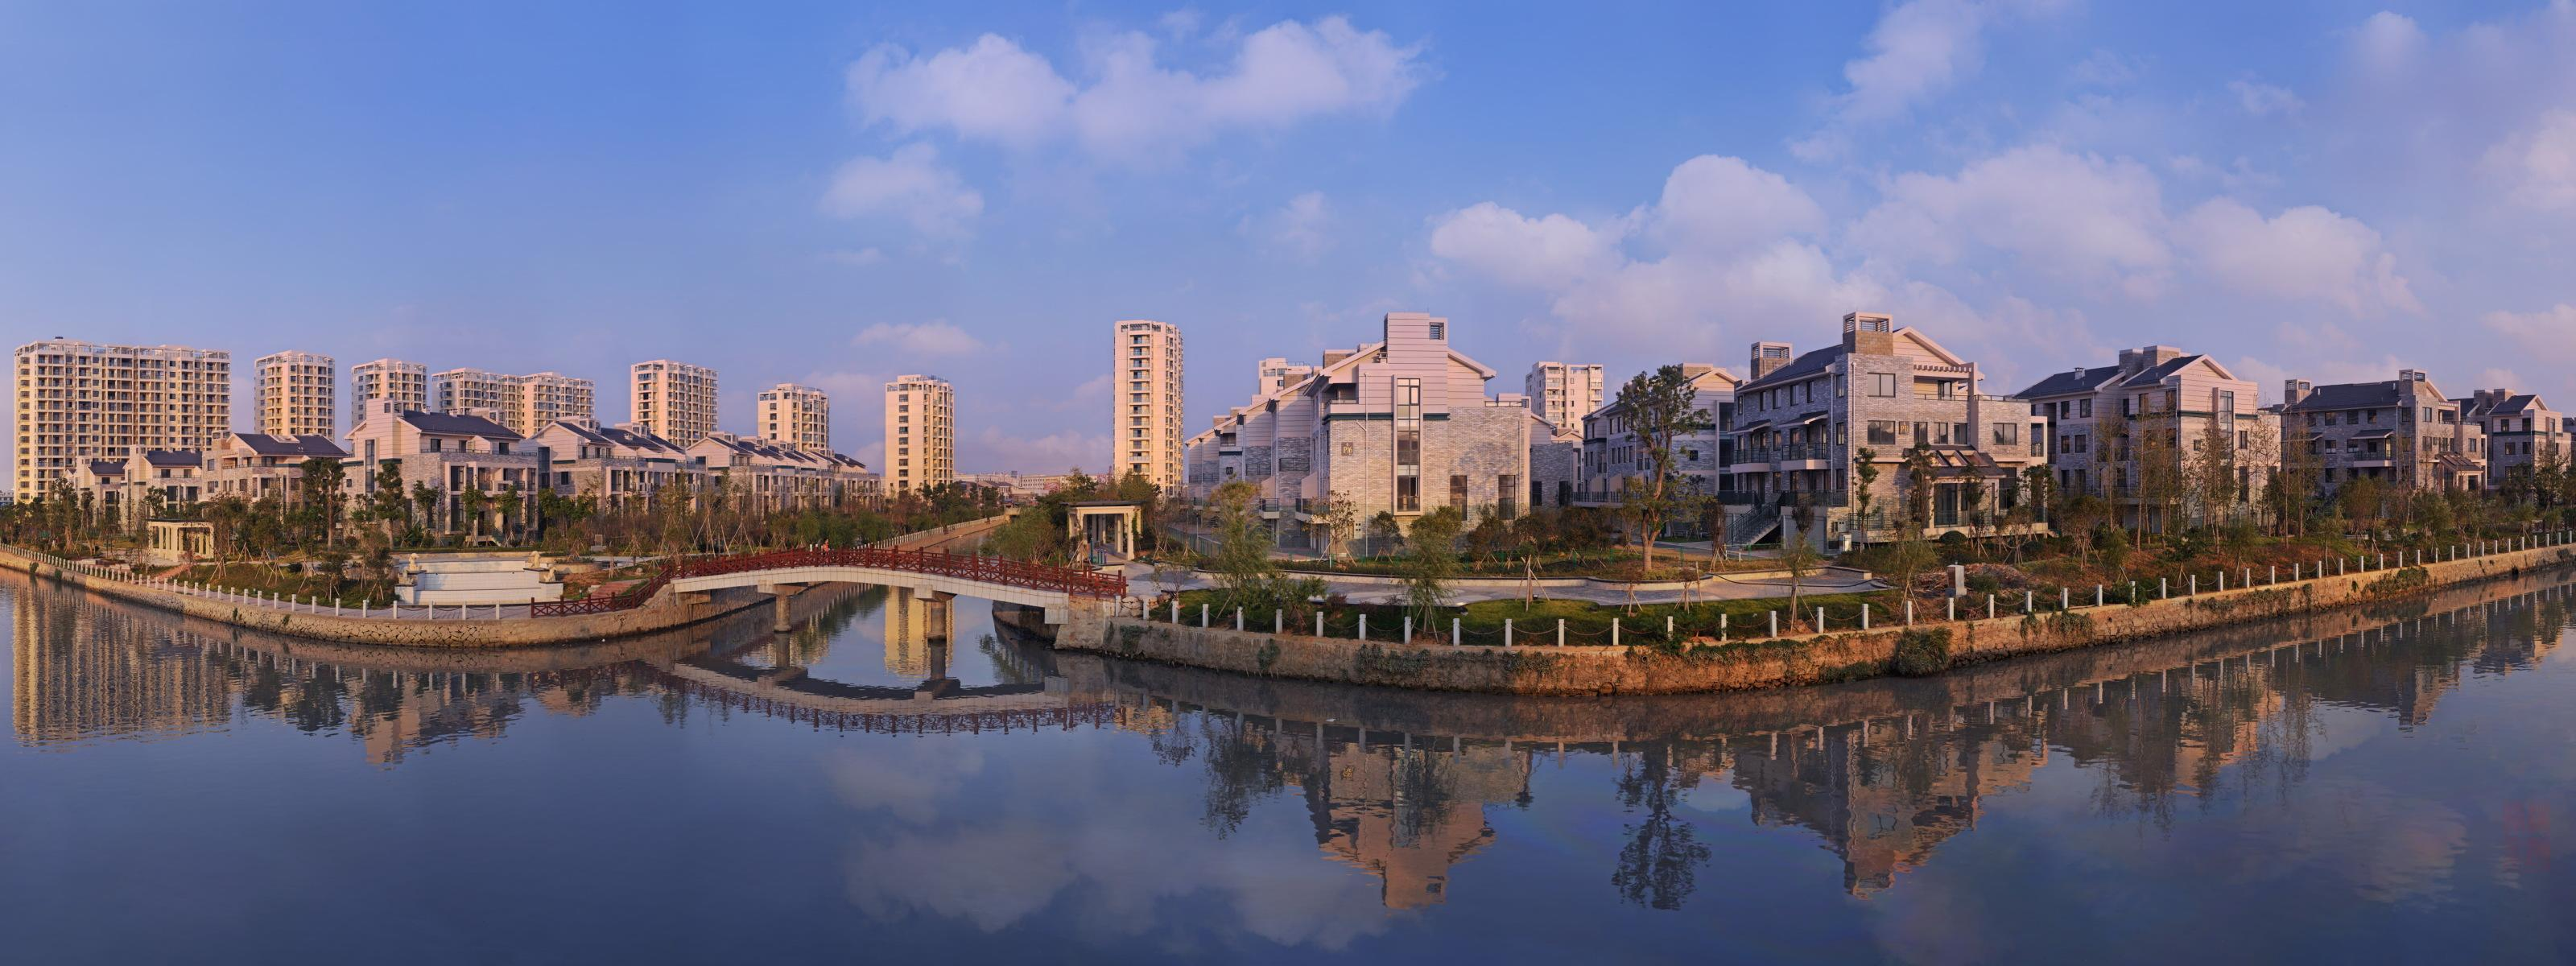 浙江路桥工业园区